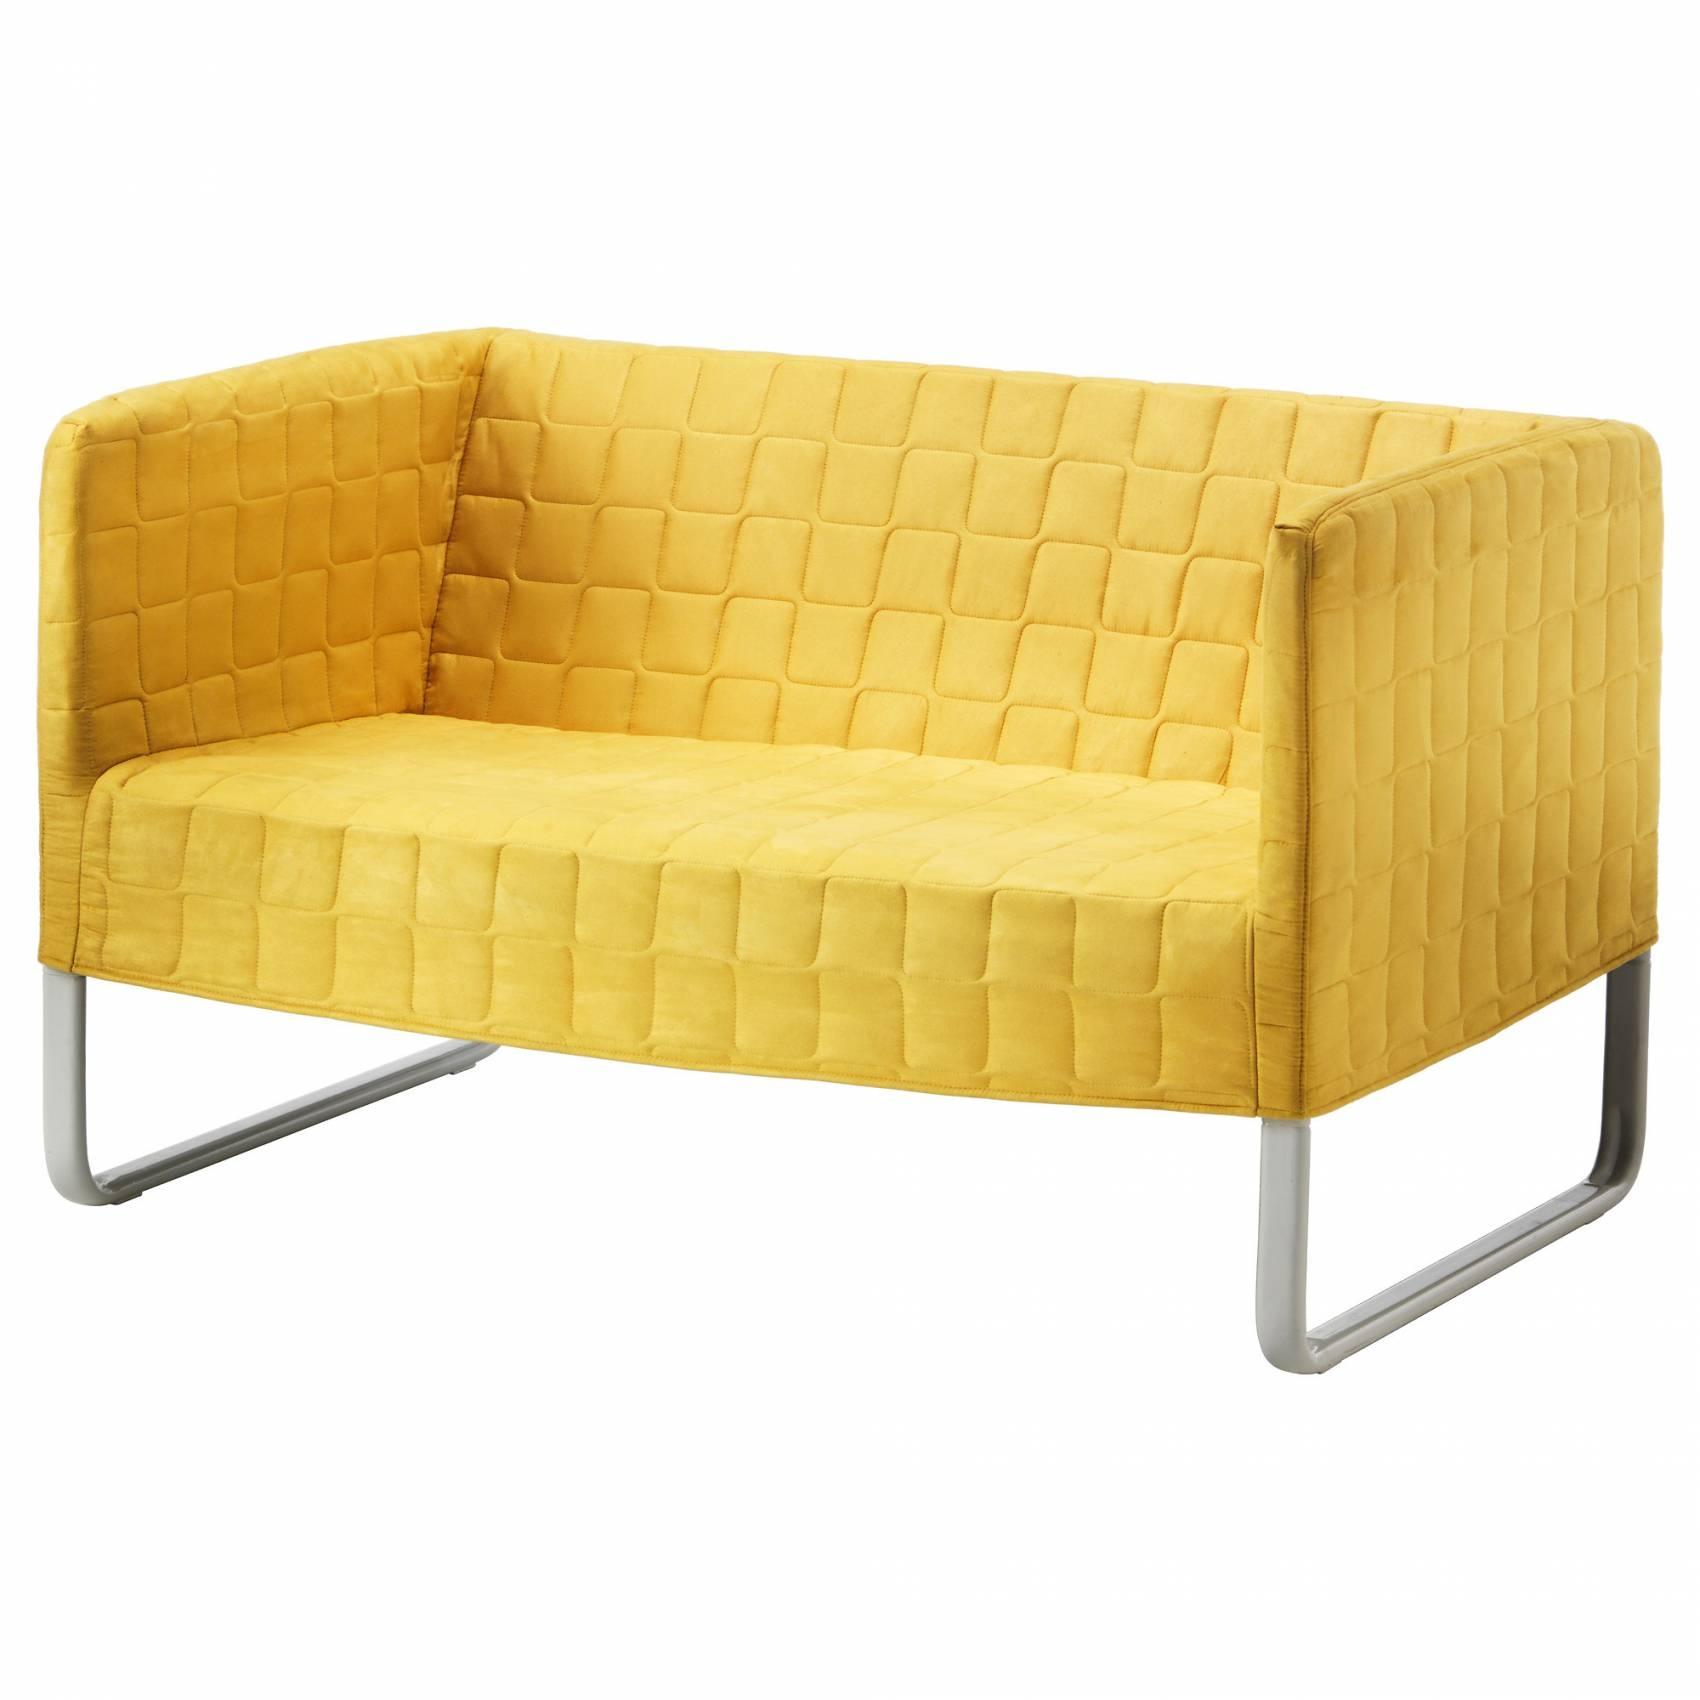 Ikea Chairs Yellow thesecretconsul